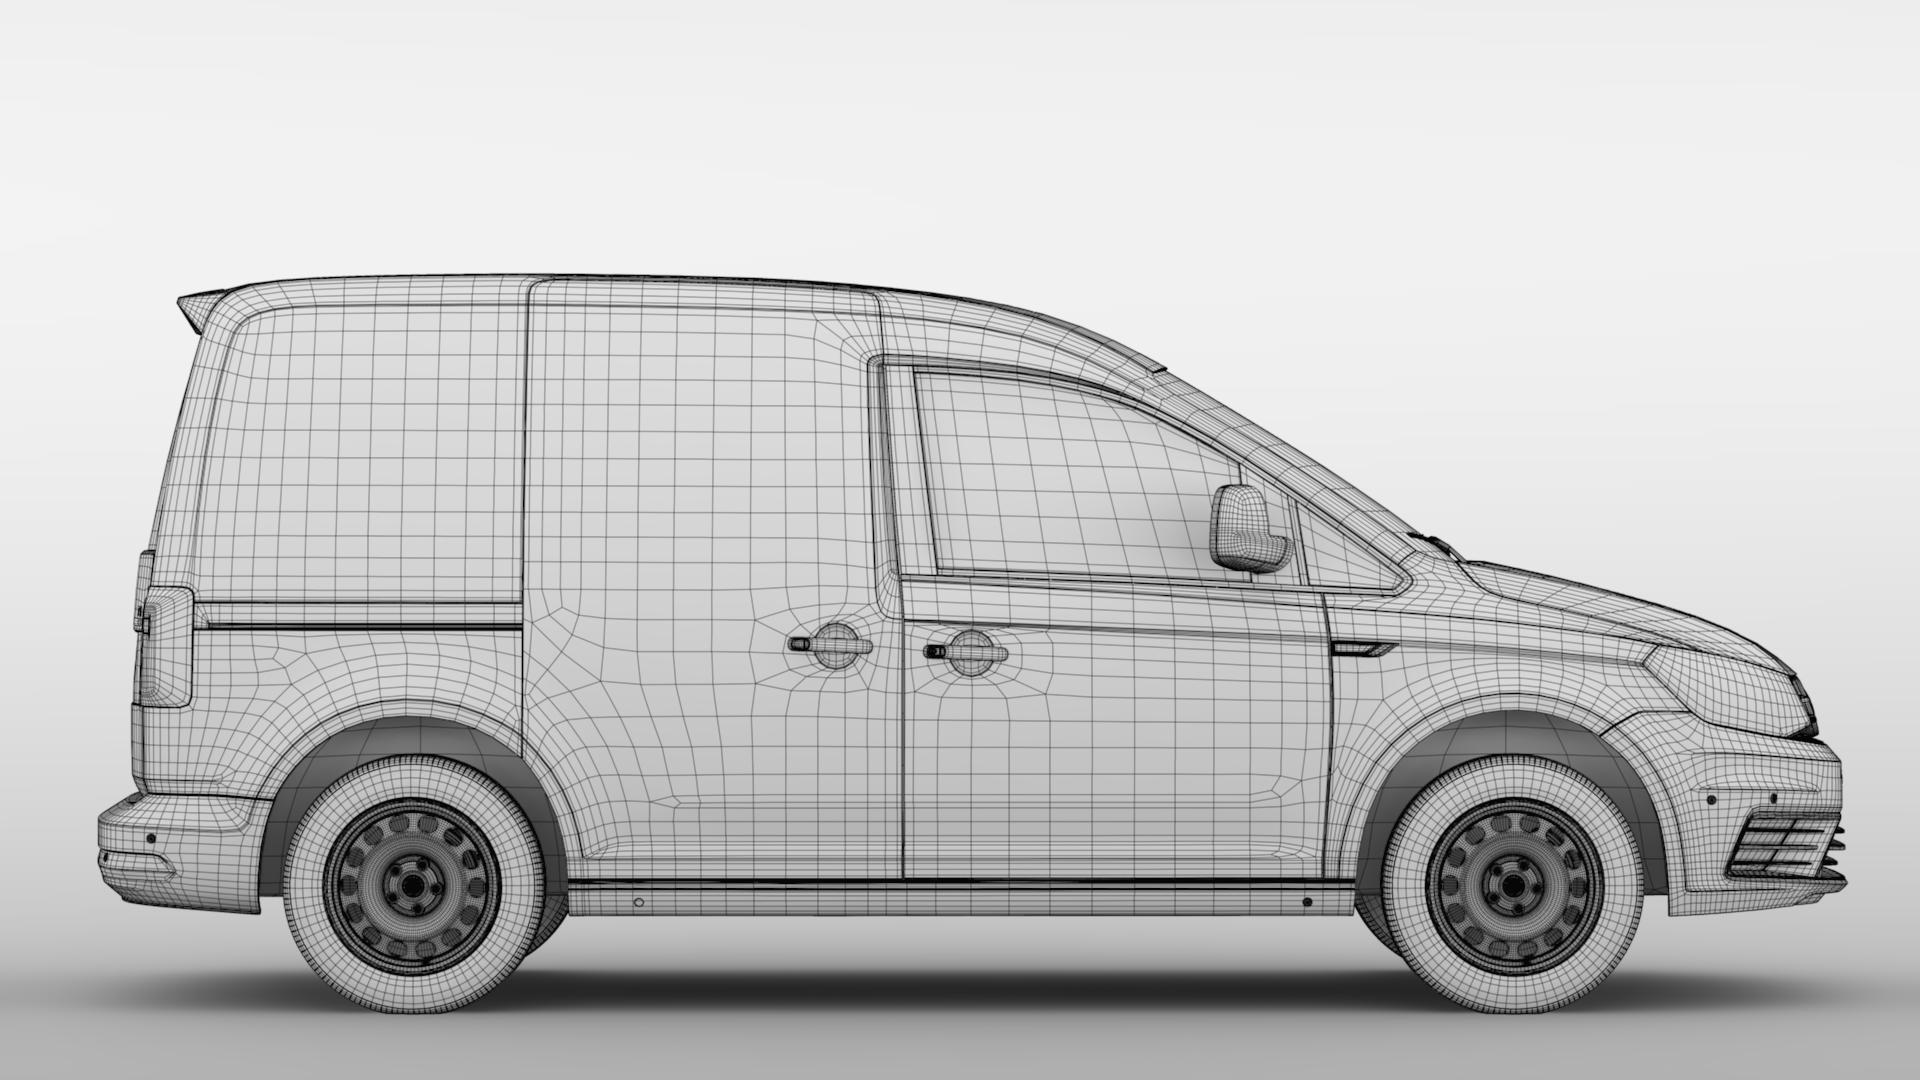 volkswagen caddy panel van l1 2017 3d model max fbx c4d lwo ma mb hrc xsi obj 274414